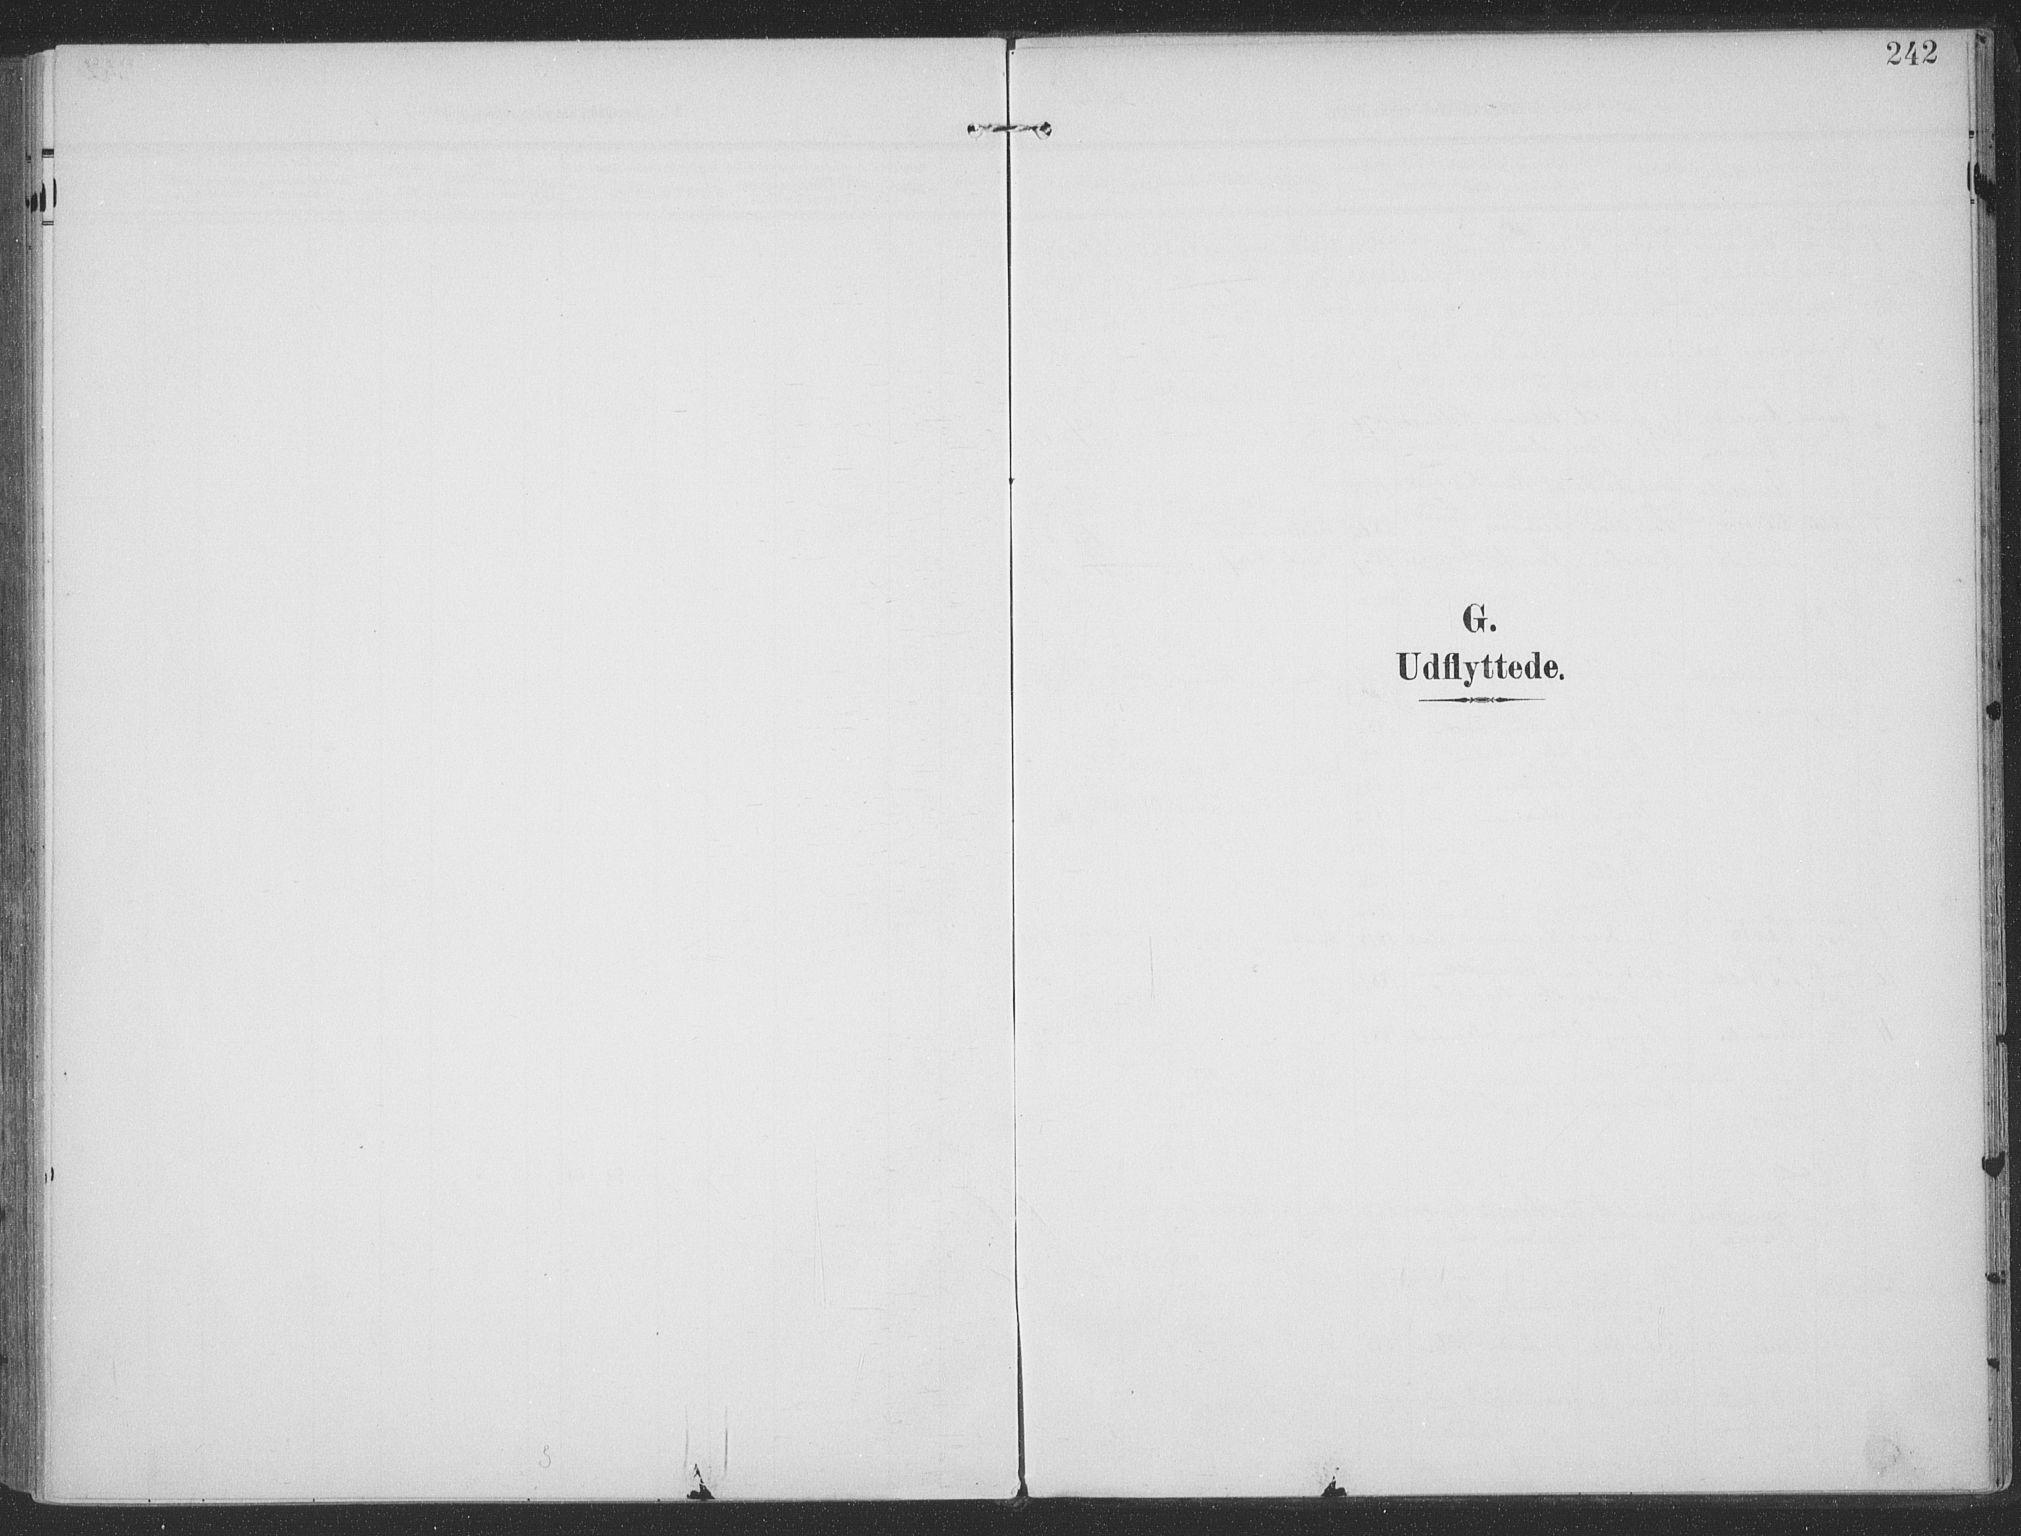 SAT, Ministerialprotokoller, klokkerbøker og fødselsregistre - Møre og Romsdal, 513/L0178: Ministerialbok nr. 513A05, 1906-1919, s. 242